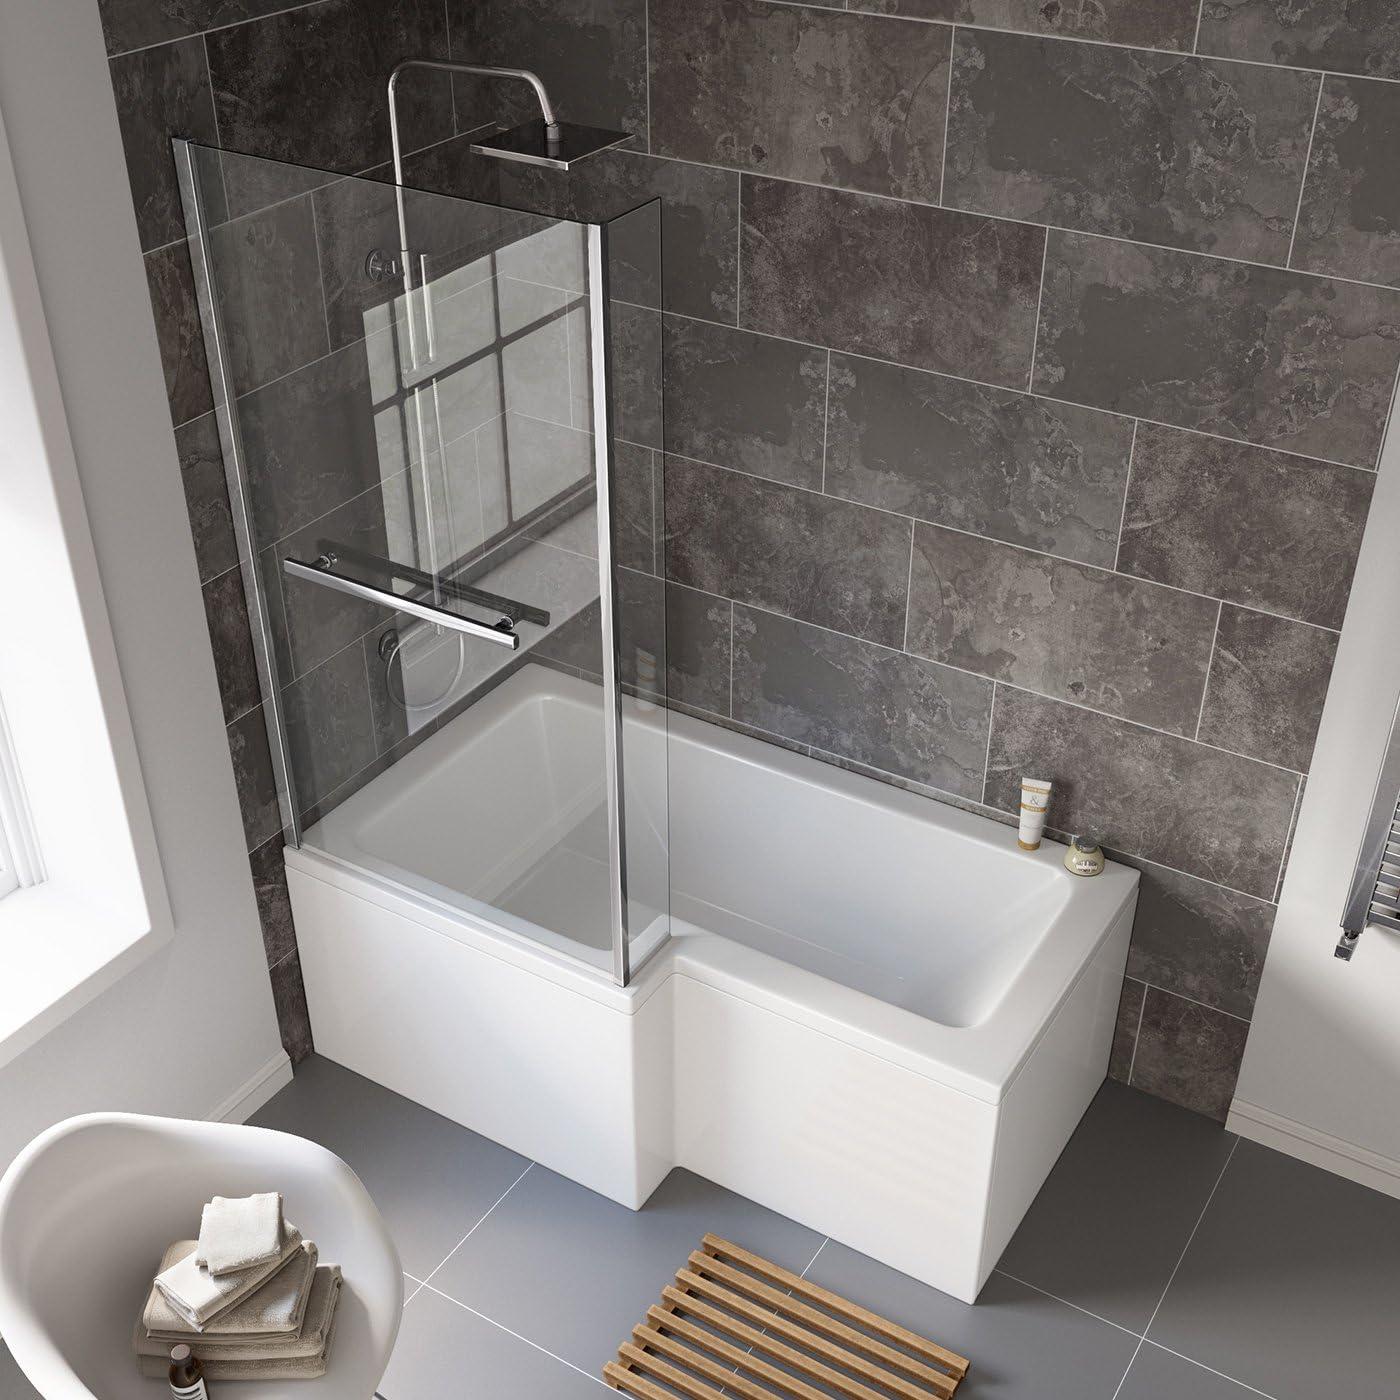 1500 mm para zurdos L-en forma de bañera con ducha recto con pantalla portátil para ducha + lado Panel para bañera: iBathUK: Amazon.es: Hogar